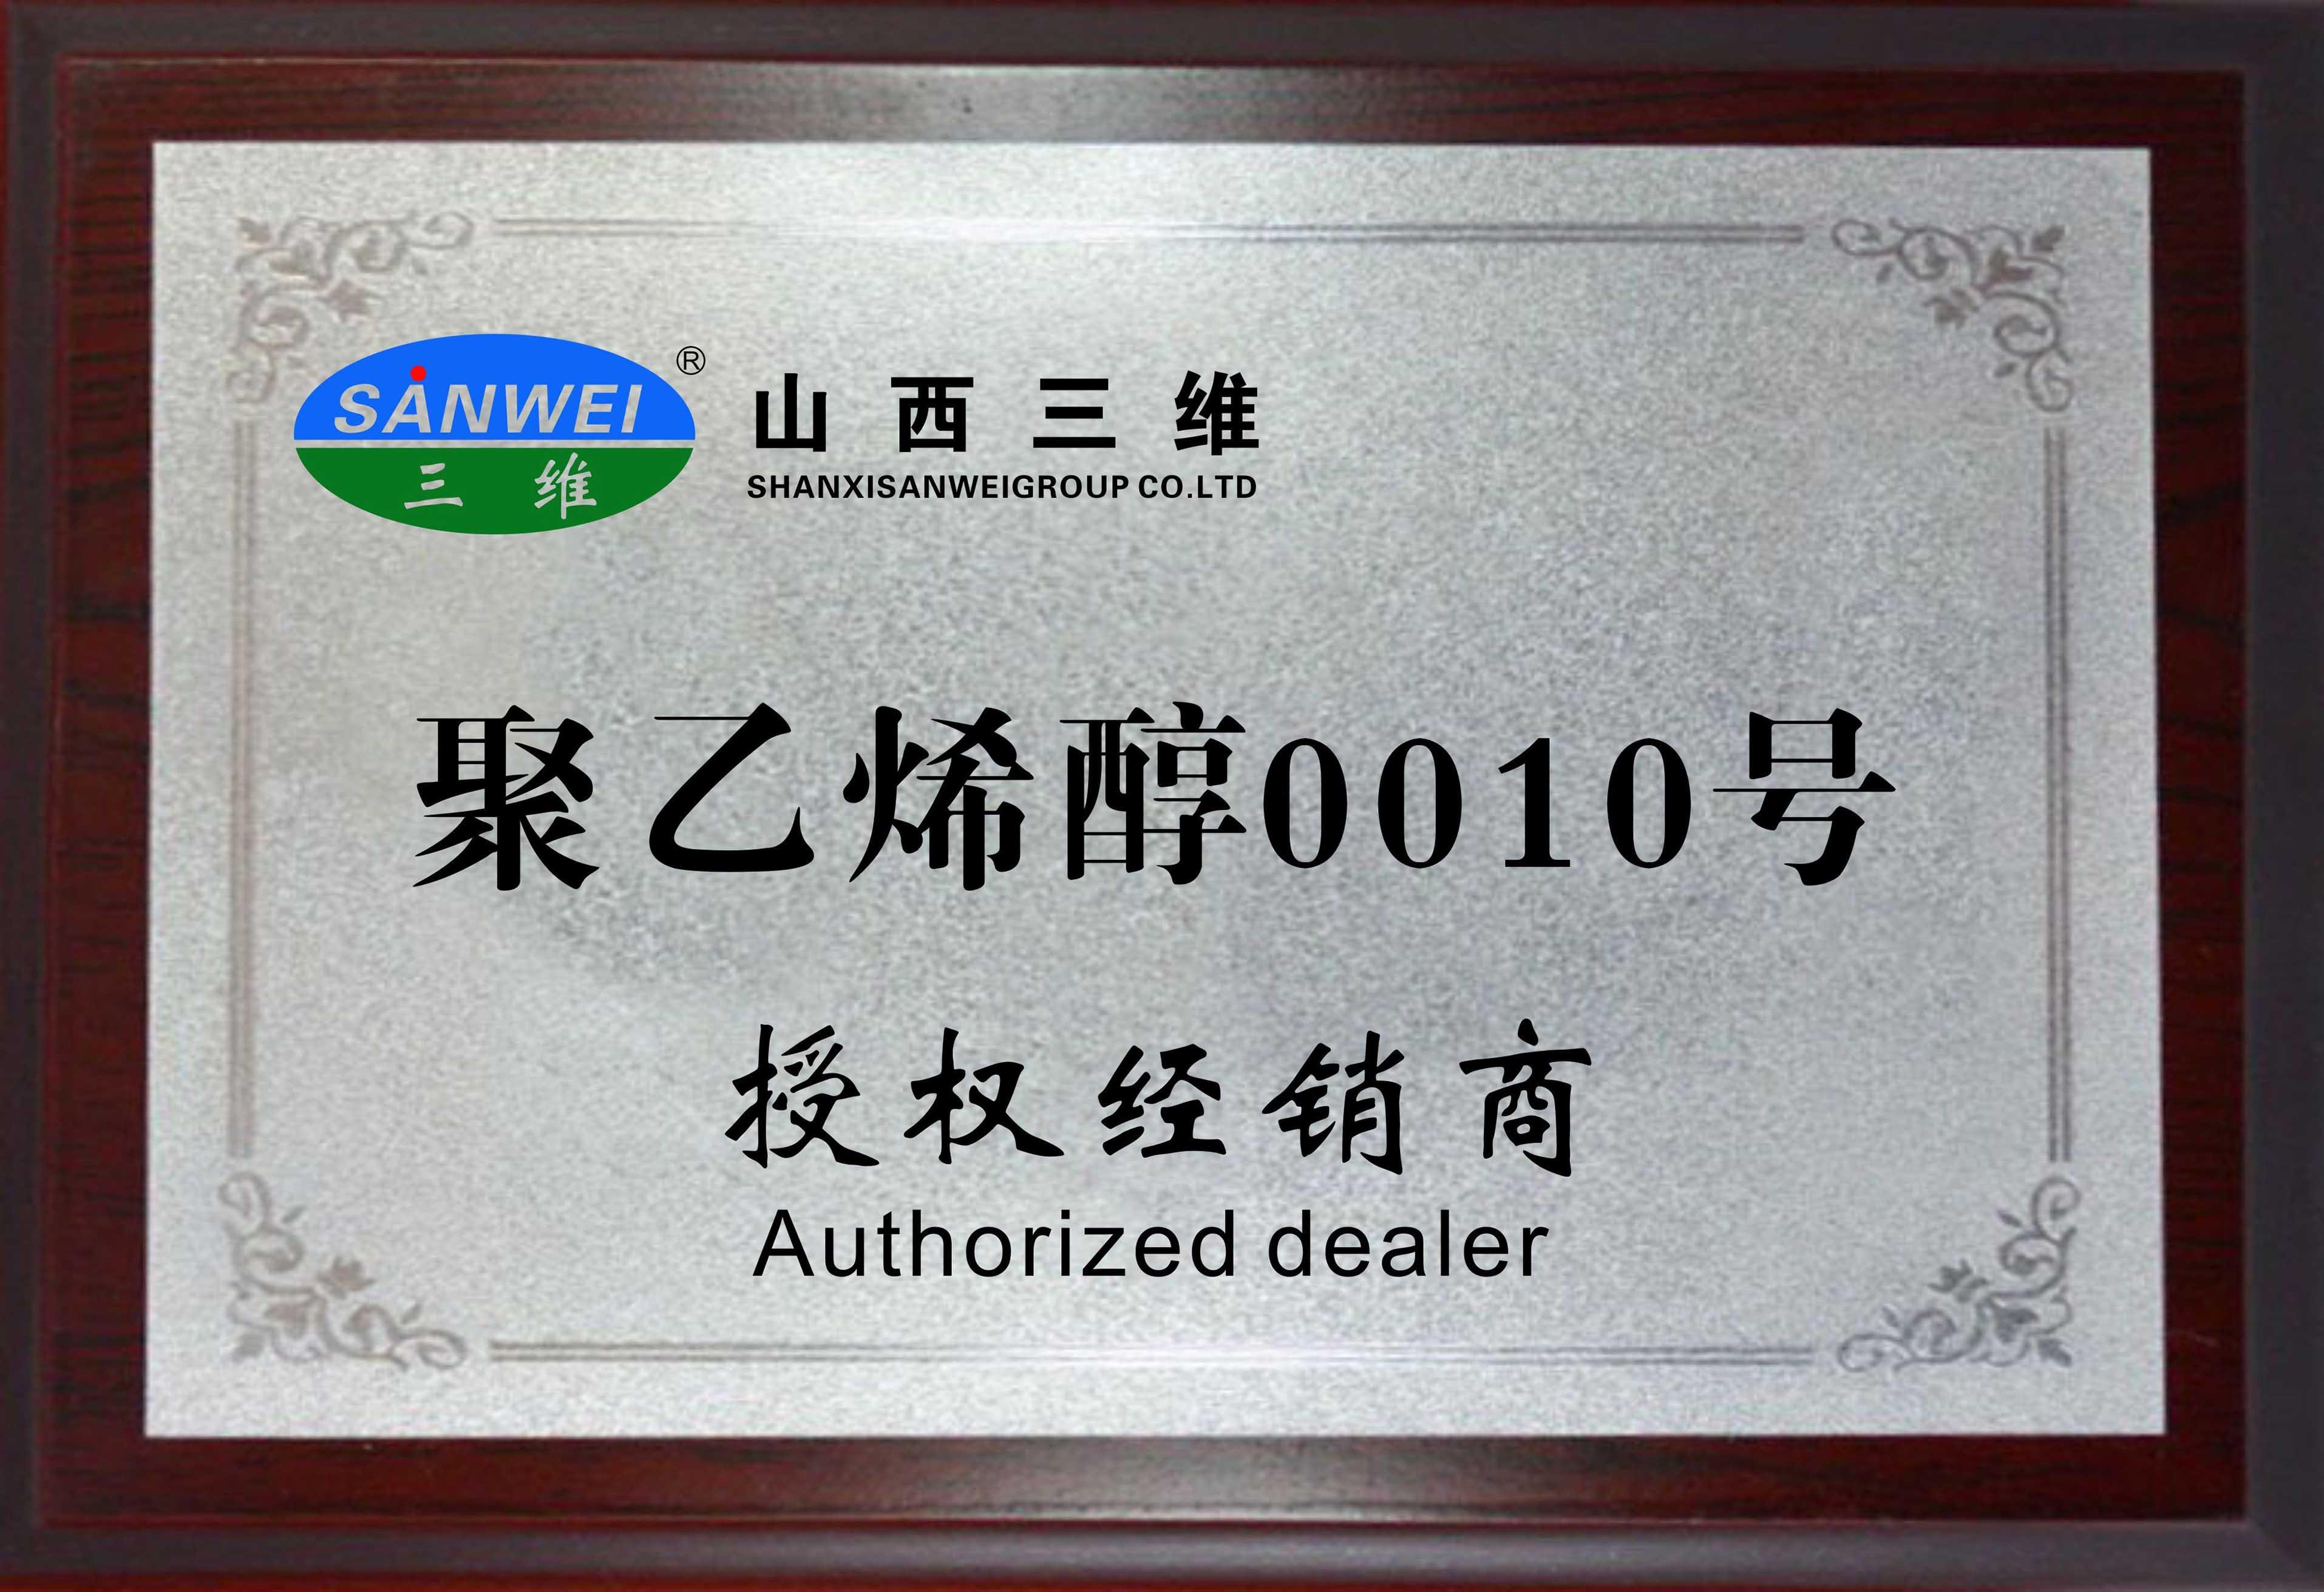 平博娱乐注册授权经销商证书